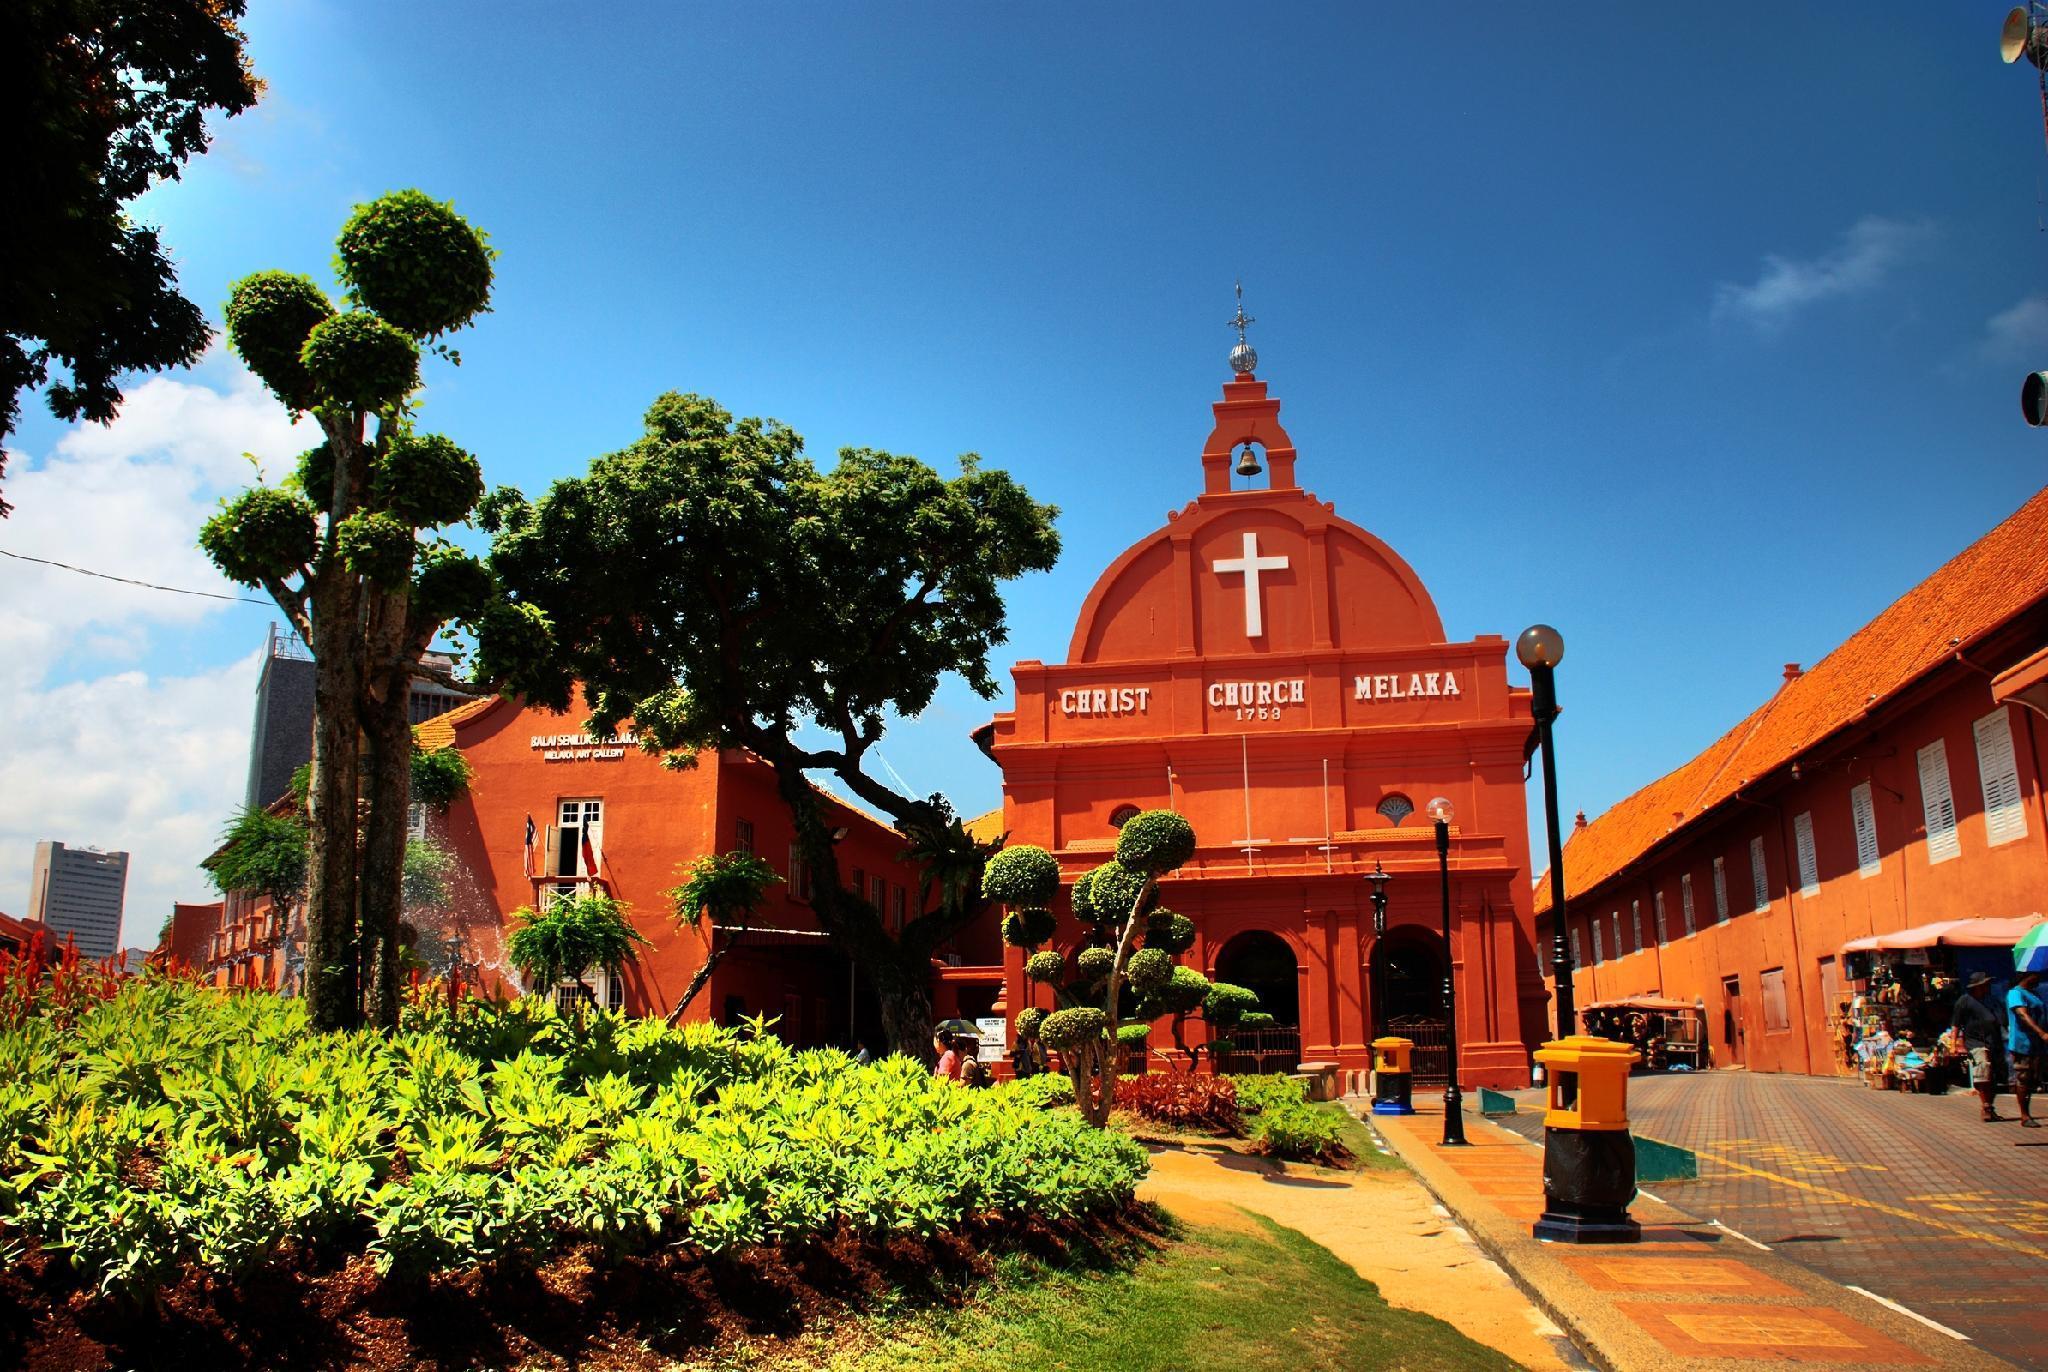 Nice Day Inn, Kota Melaka